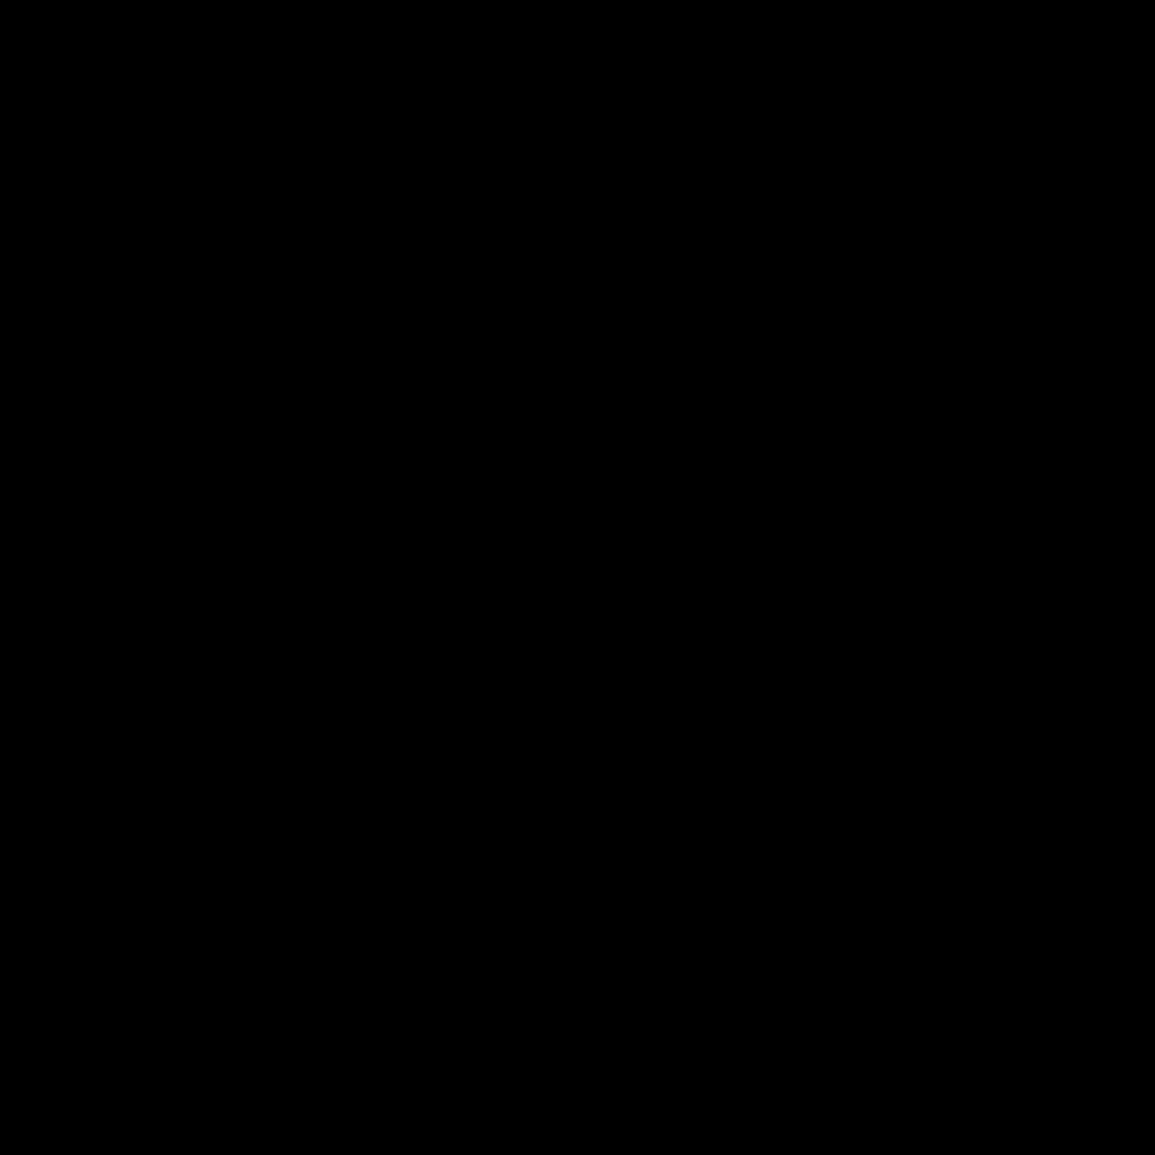 石井中教科書 MT-A 字形見本